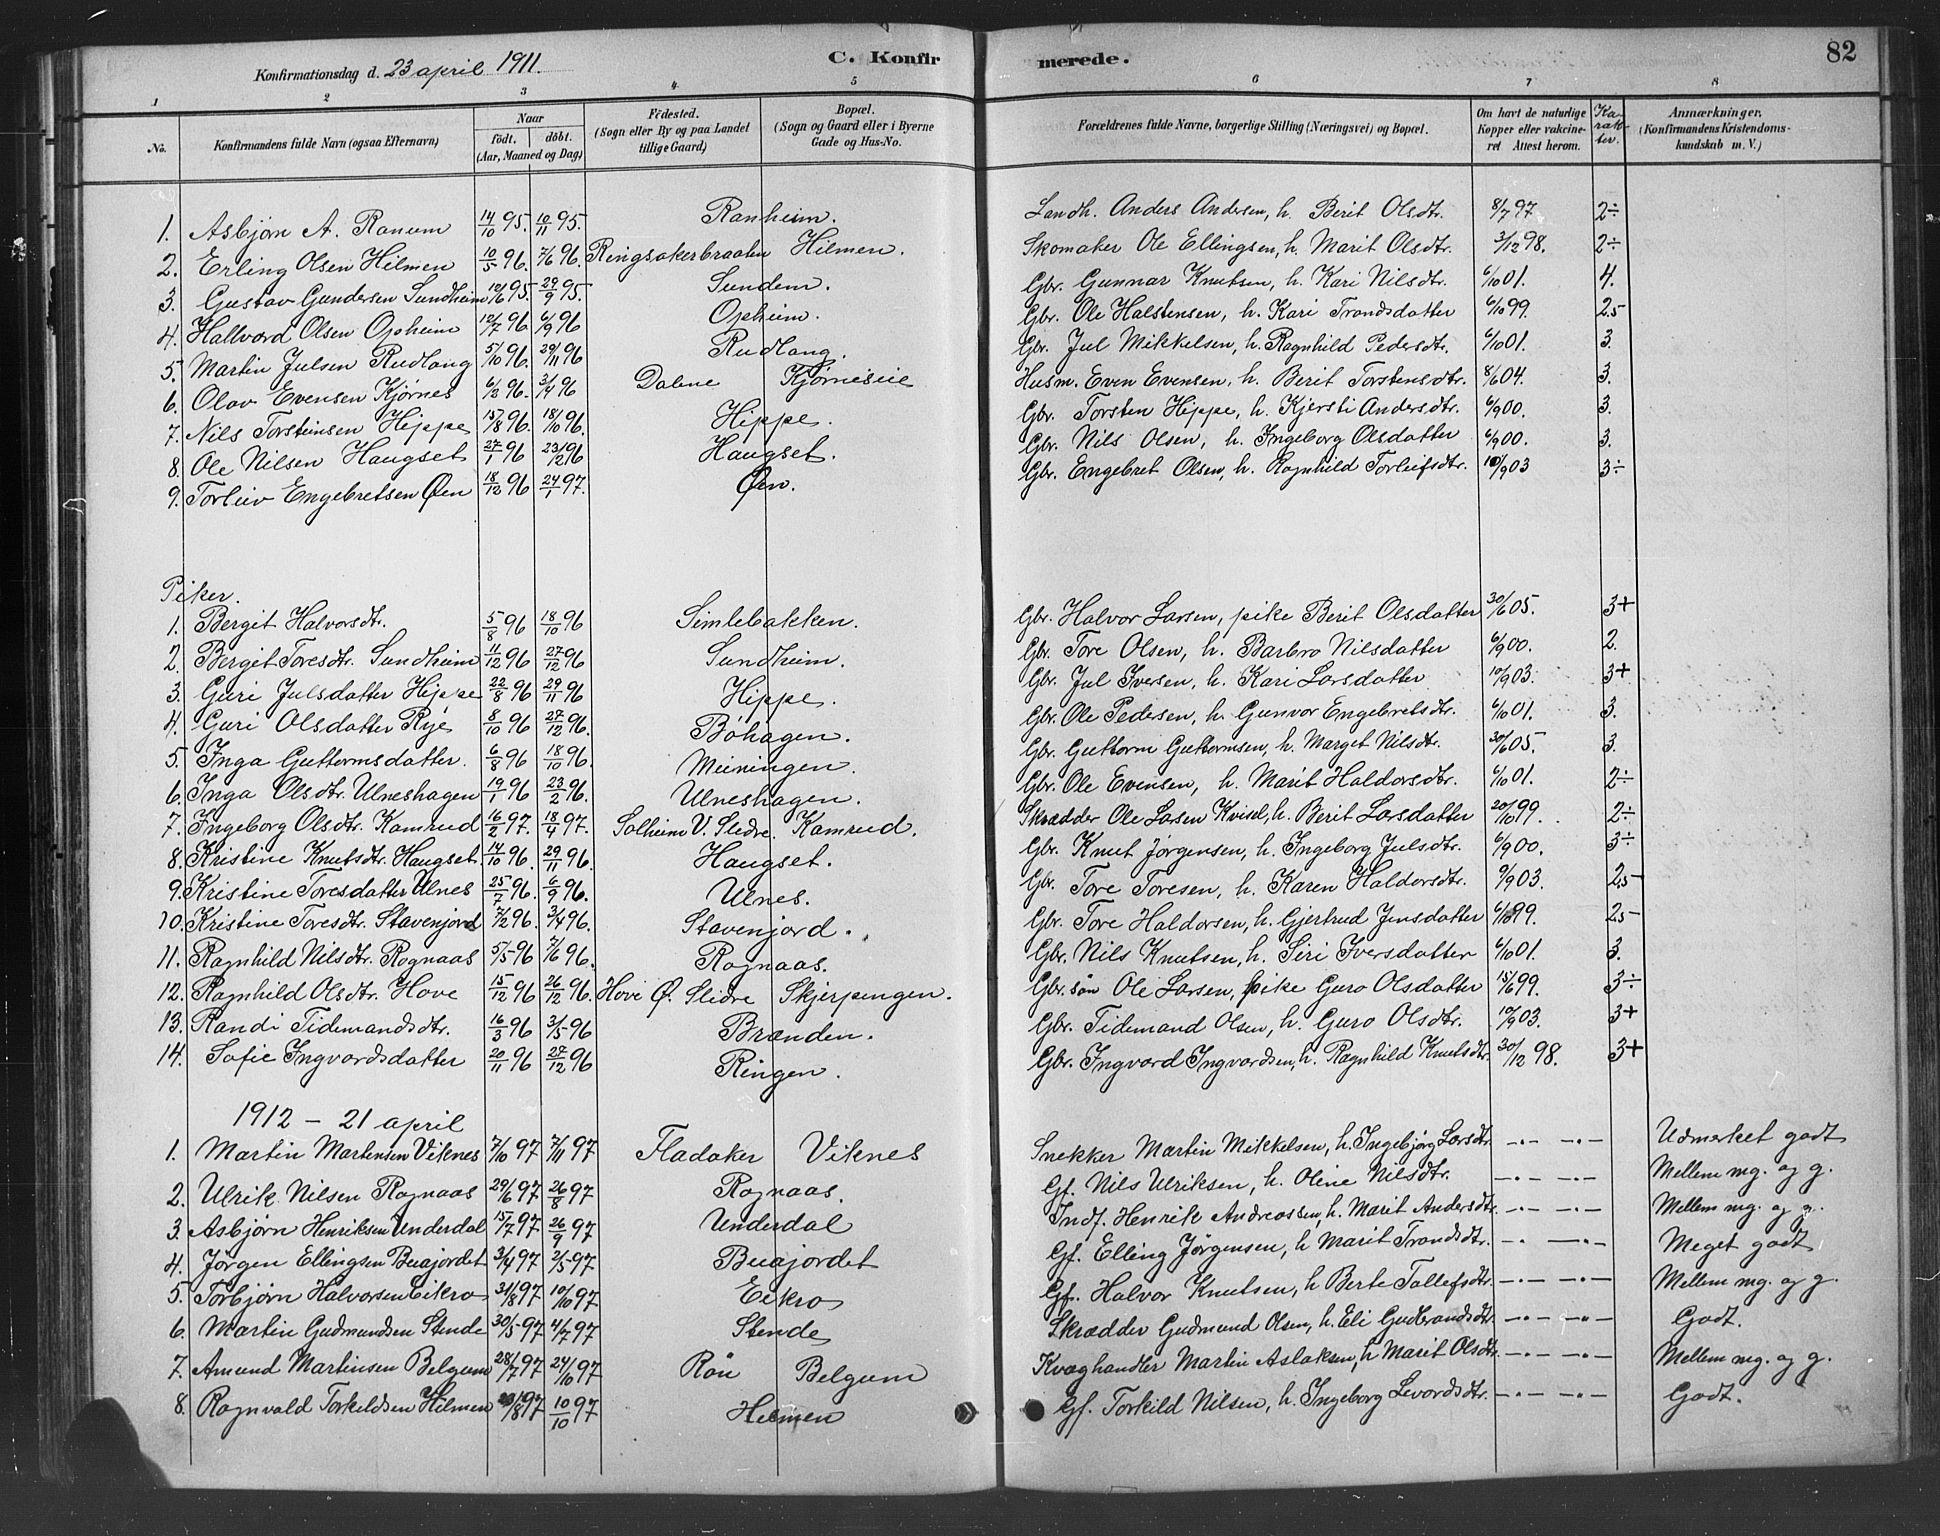 SAH, Nord-Aurdal prestekontor, Klokkerbok nr. 8, 1883-1916, s. 82